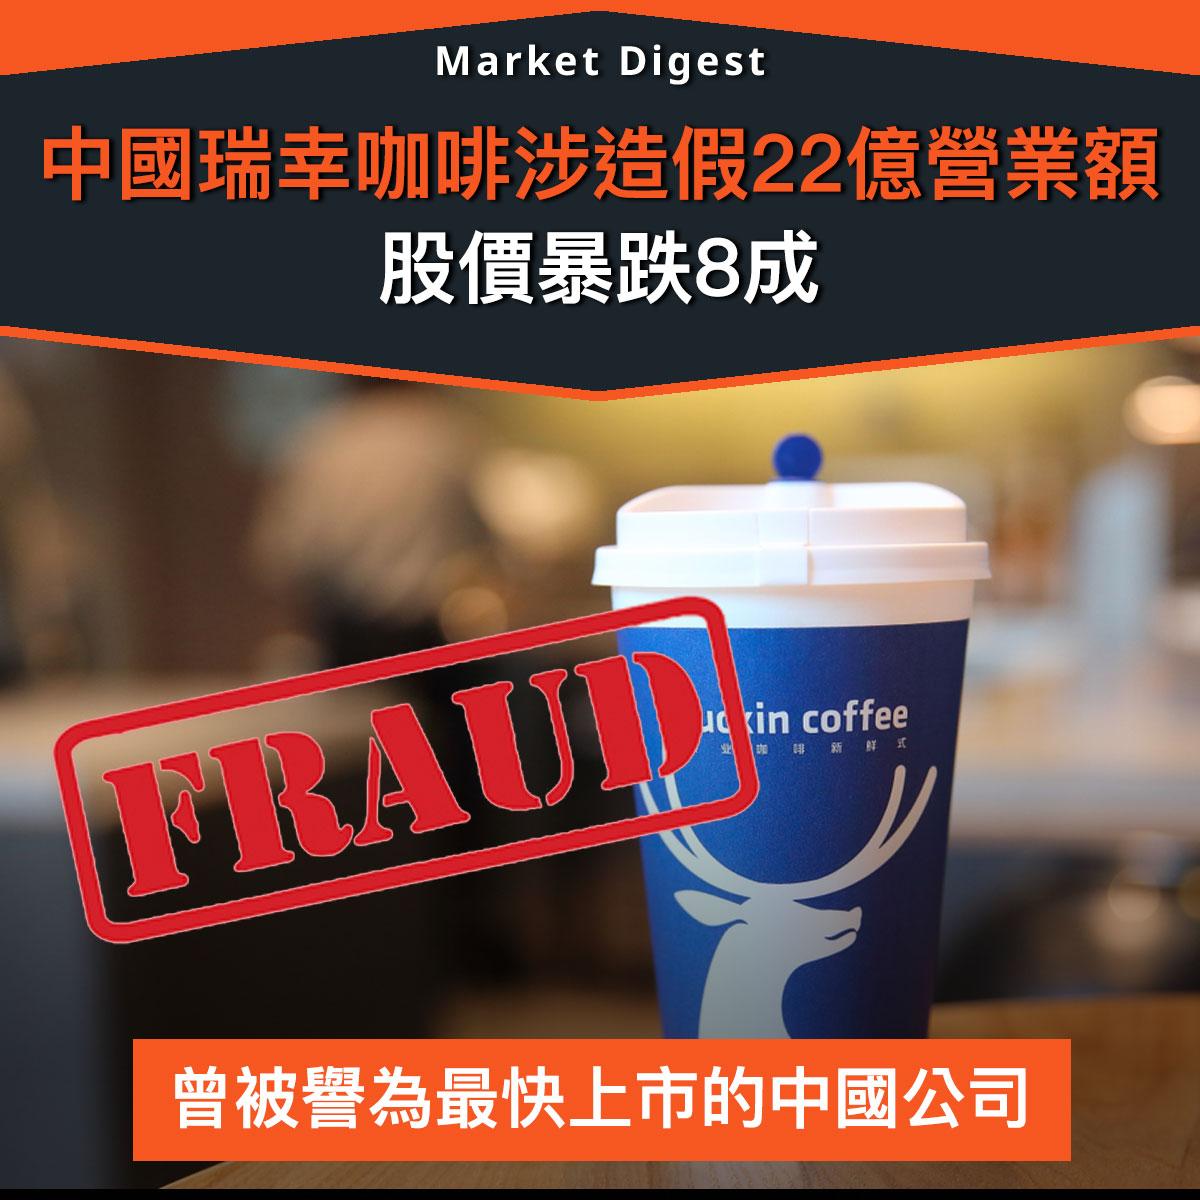 【市場熱話】中國瑞幸咖啡涉造假22億營業額,股價暴跌8成